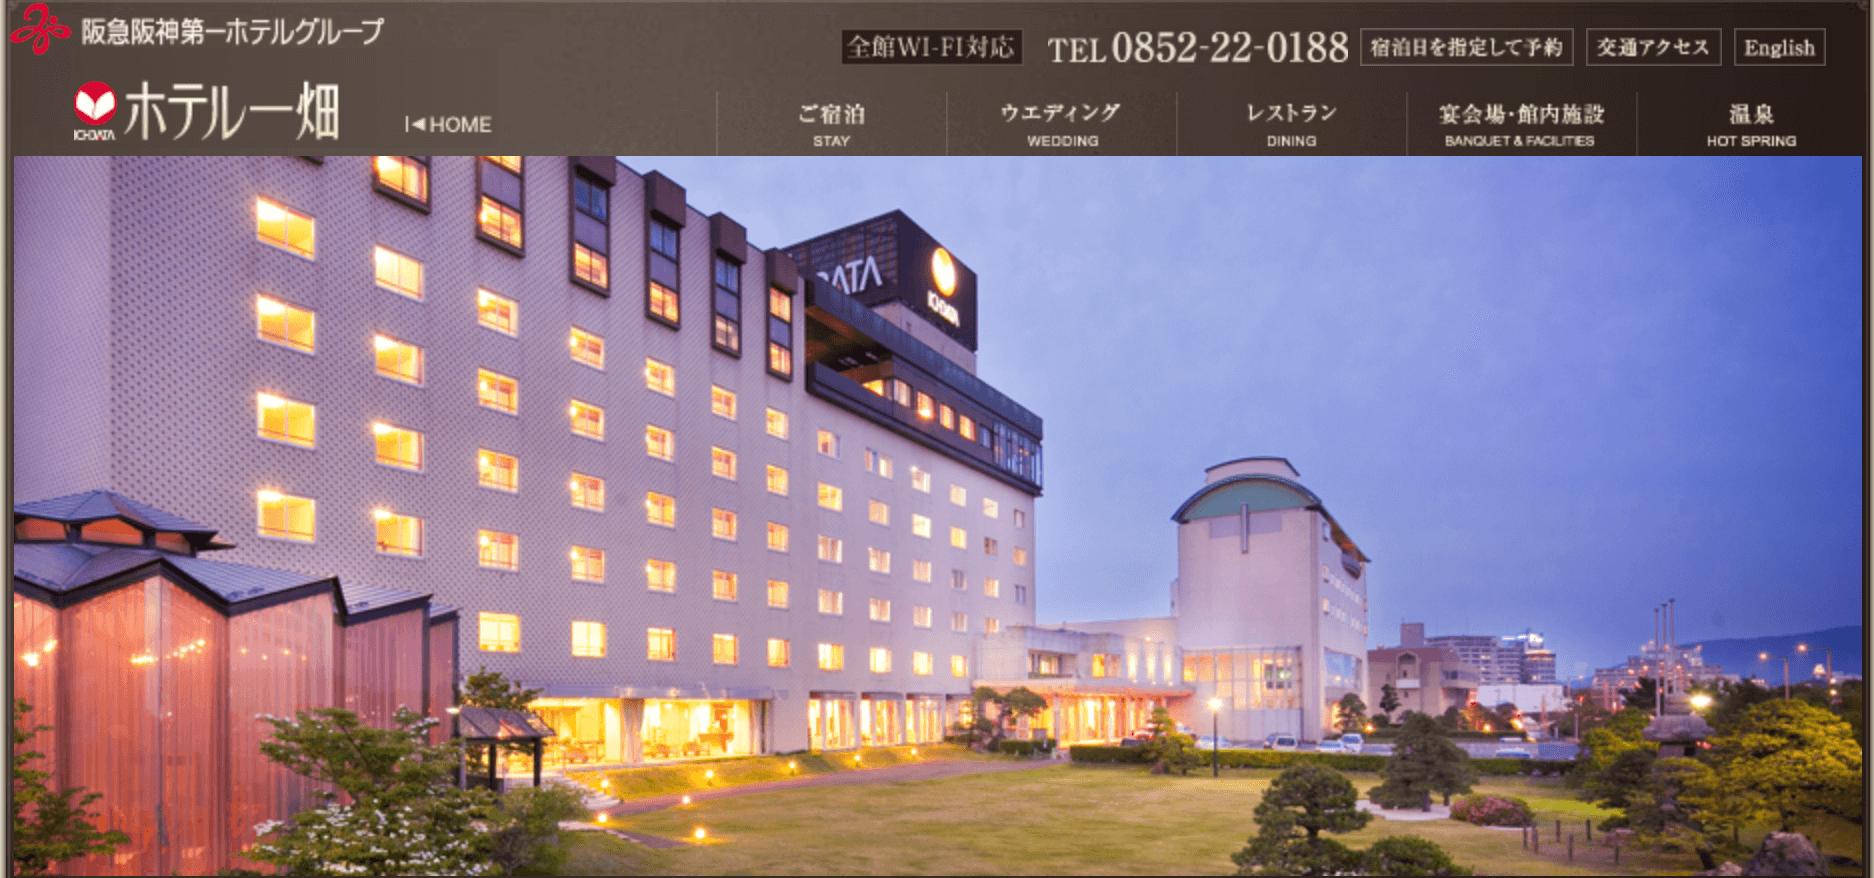 島根でパパ活におすすめなホテル「ホテル一畑」